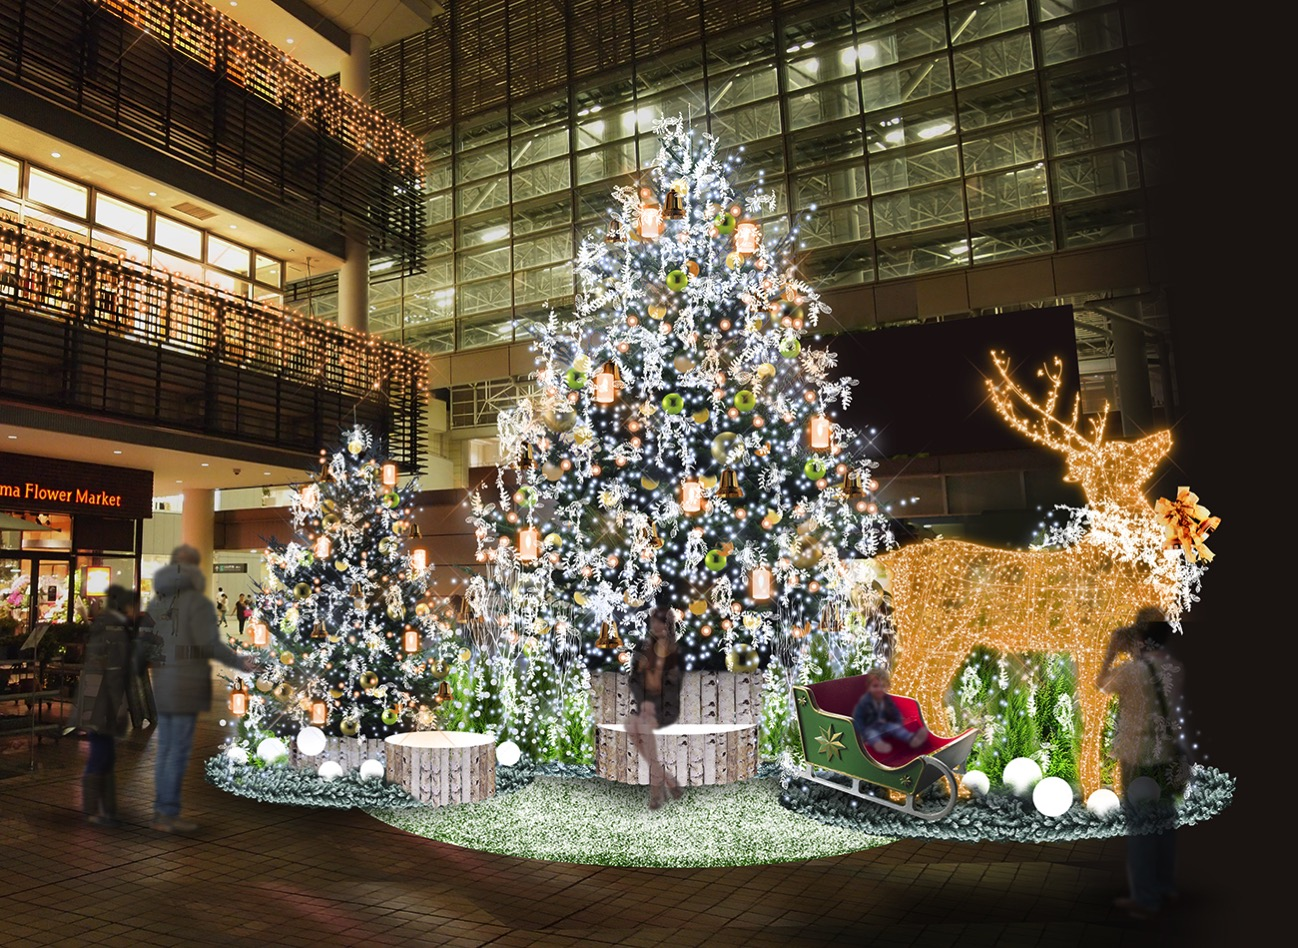 8メートルの本物のモミの木のクリスマスツリー(イメージ画像)